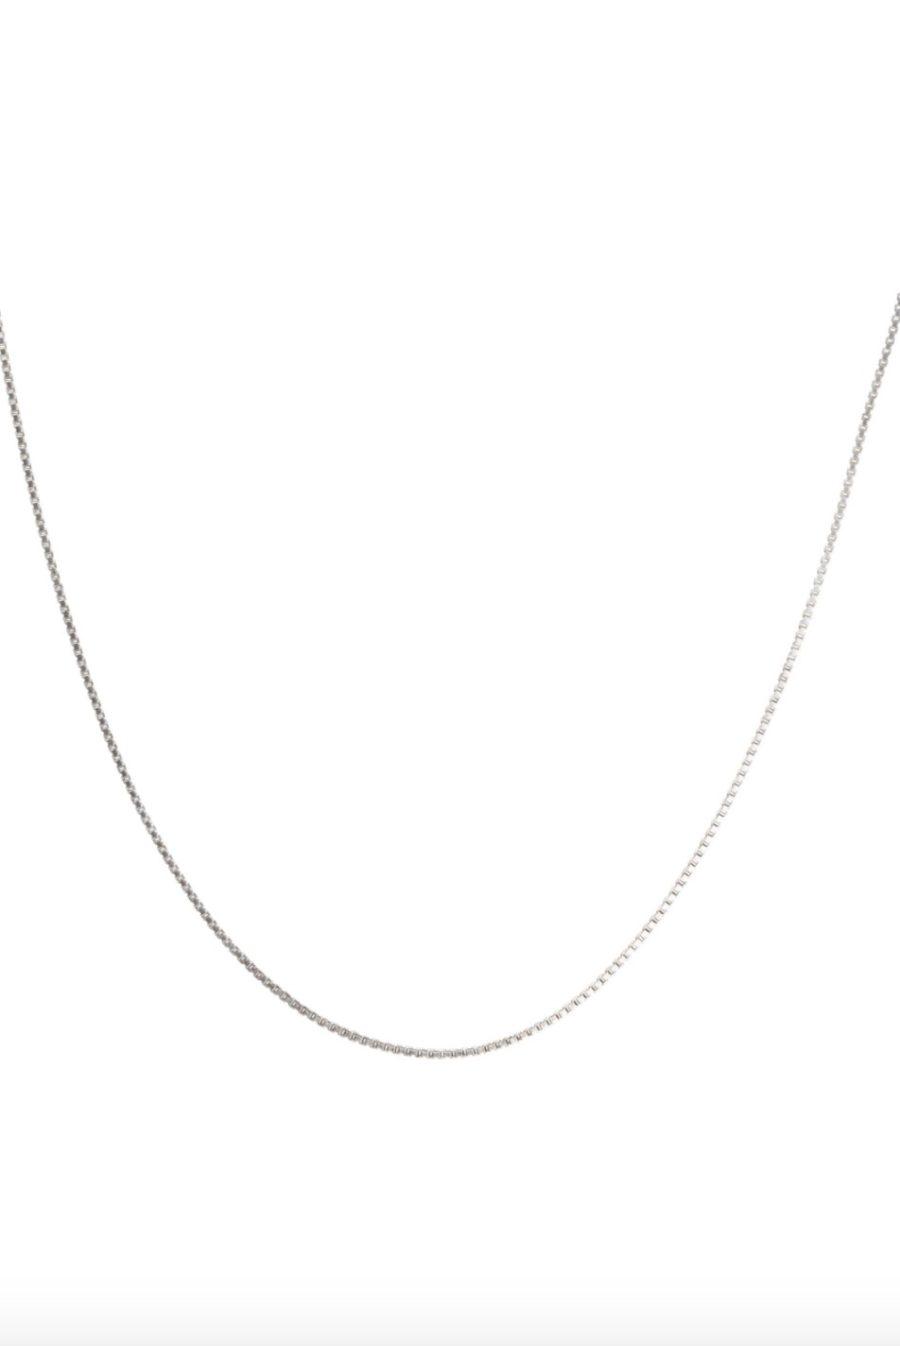 T.I.T.S. - Box Chain, Silver